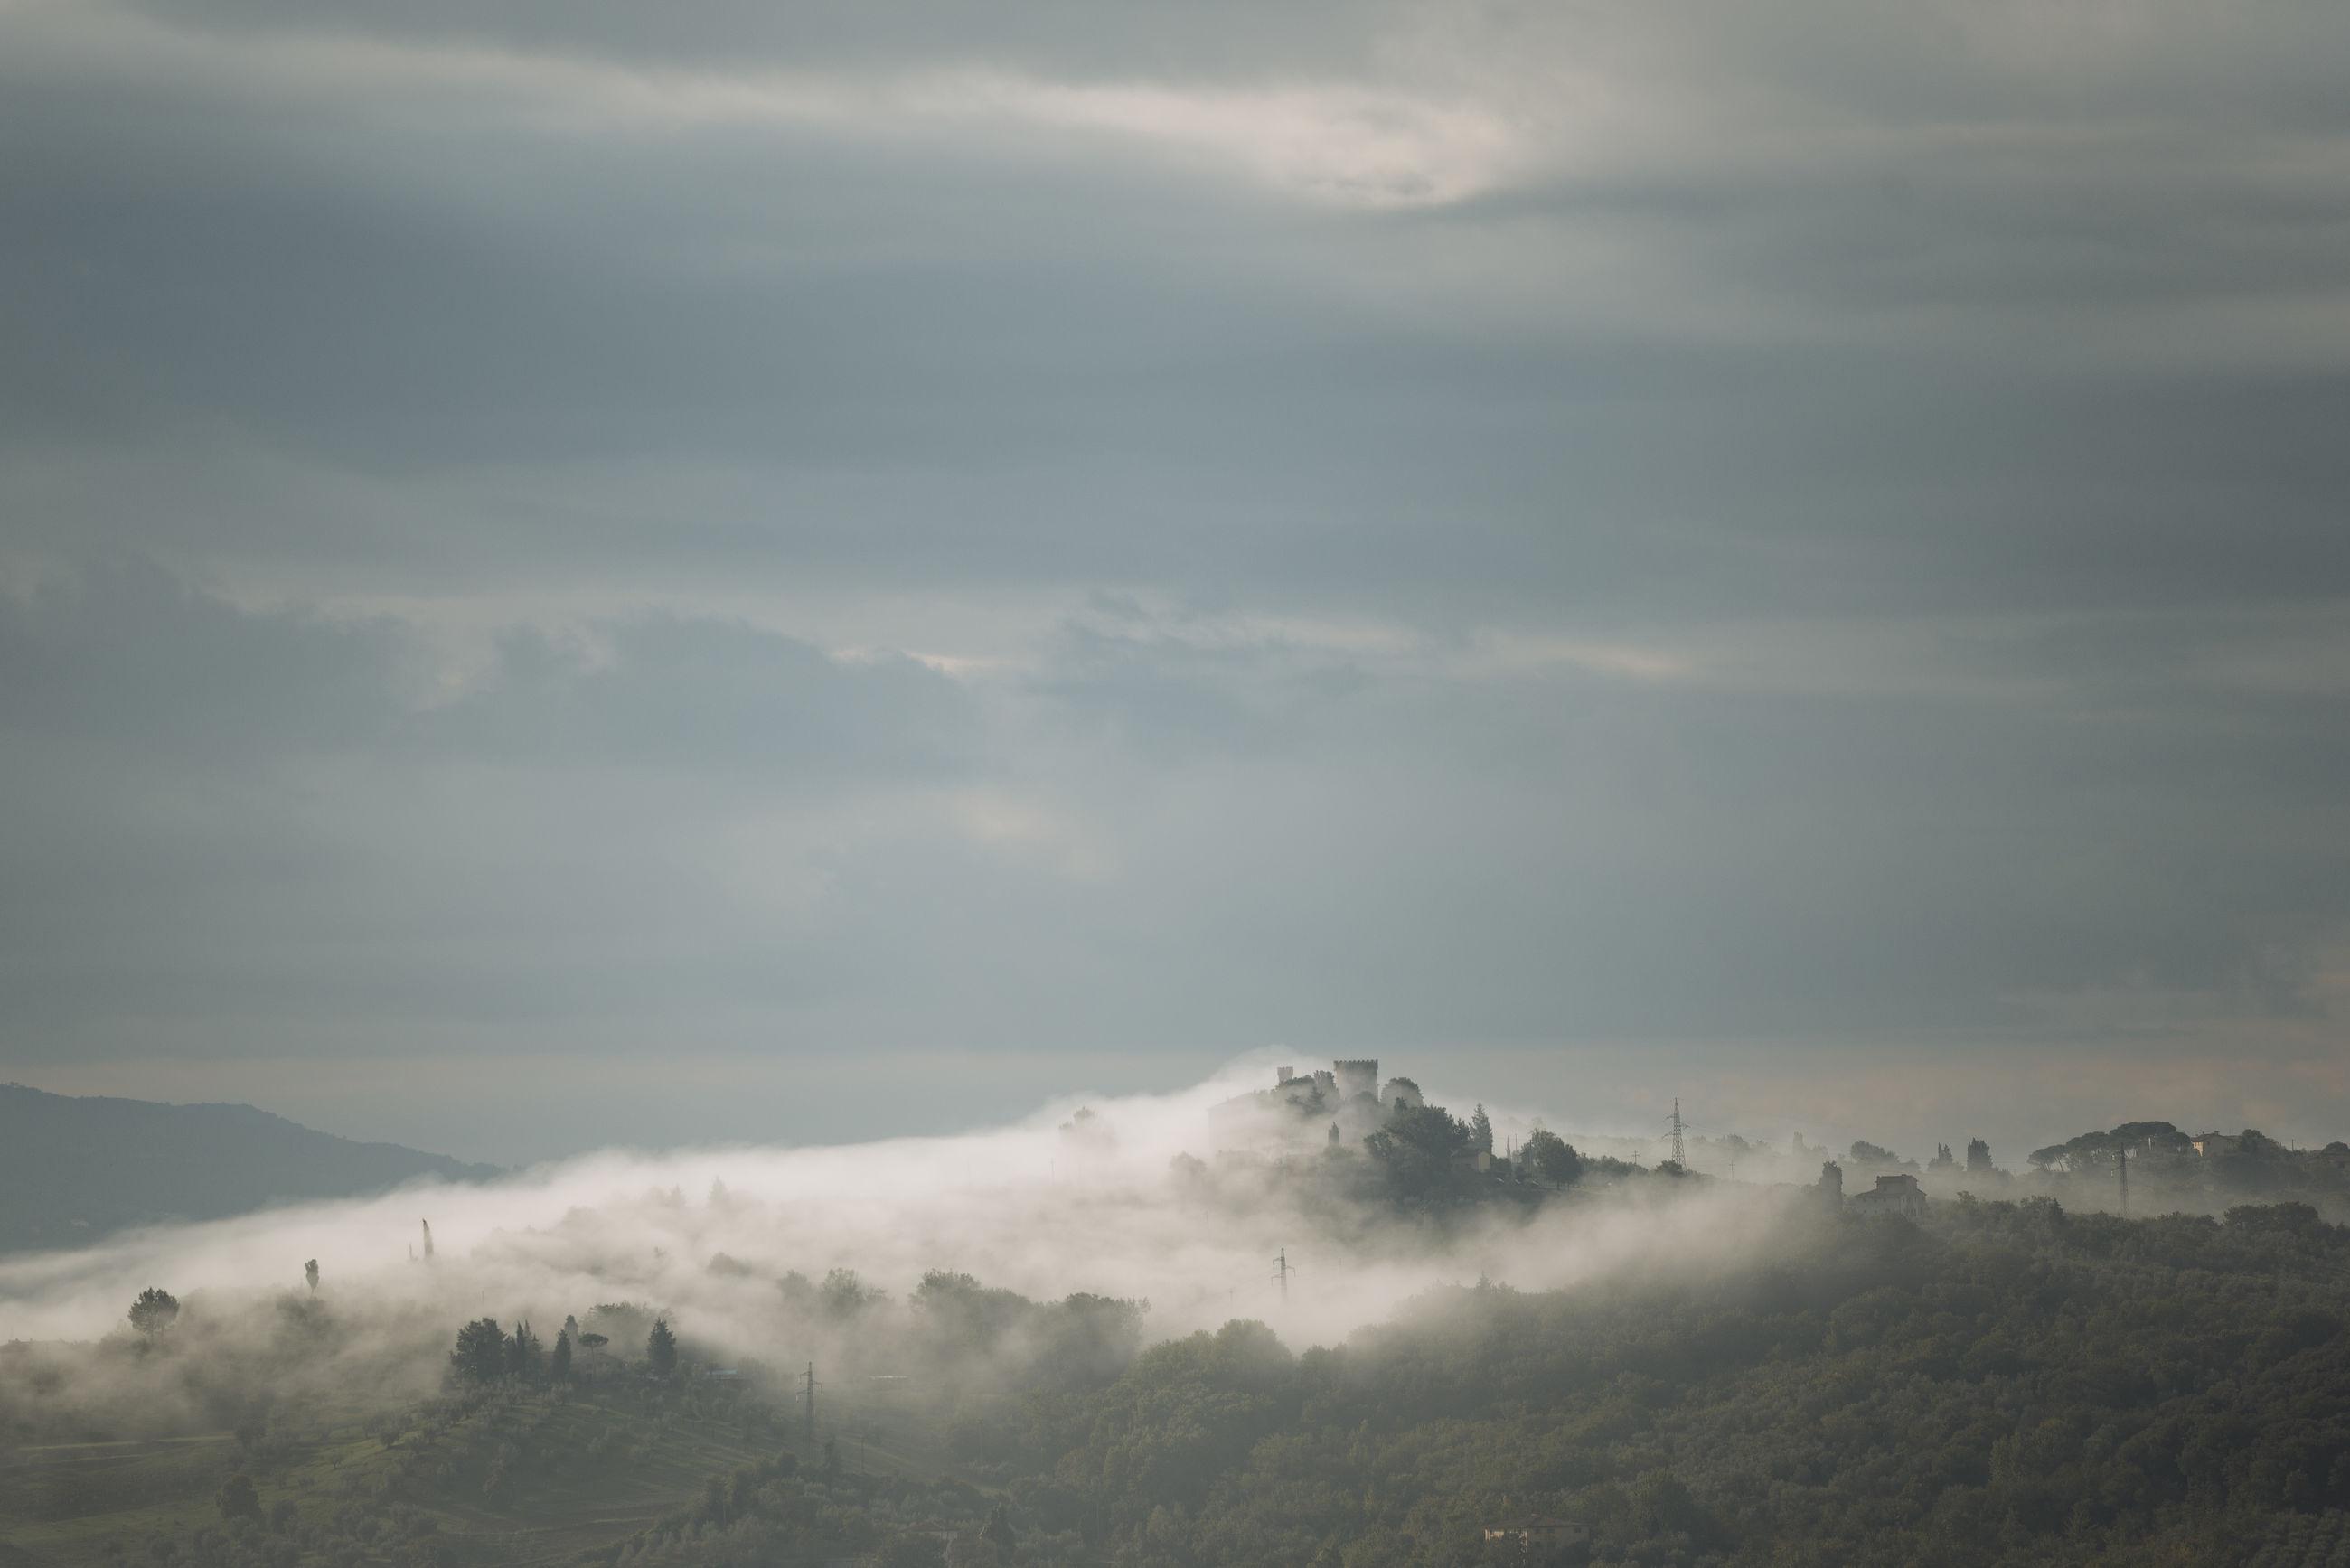 High angle shot of misty landscape